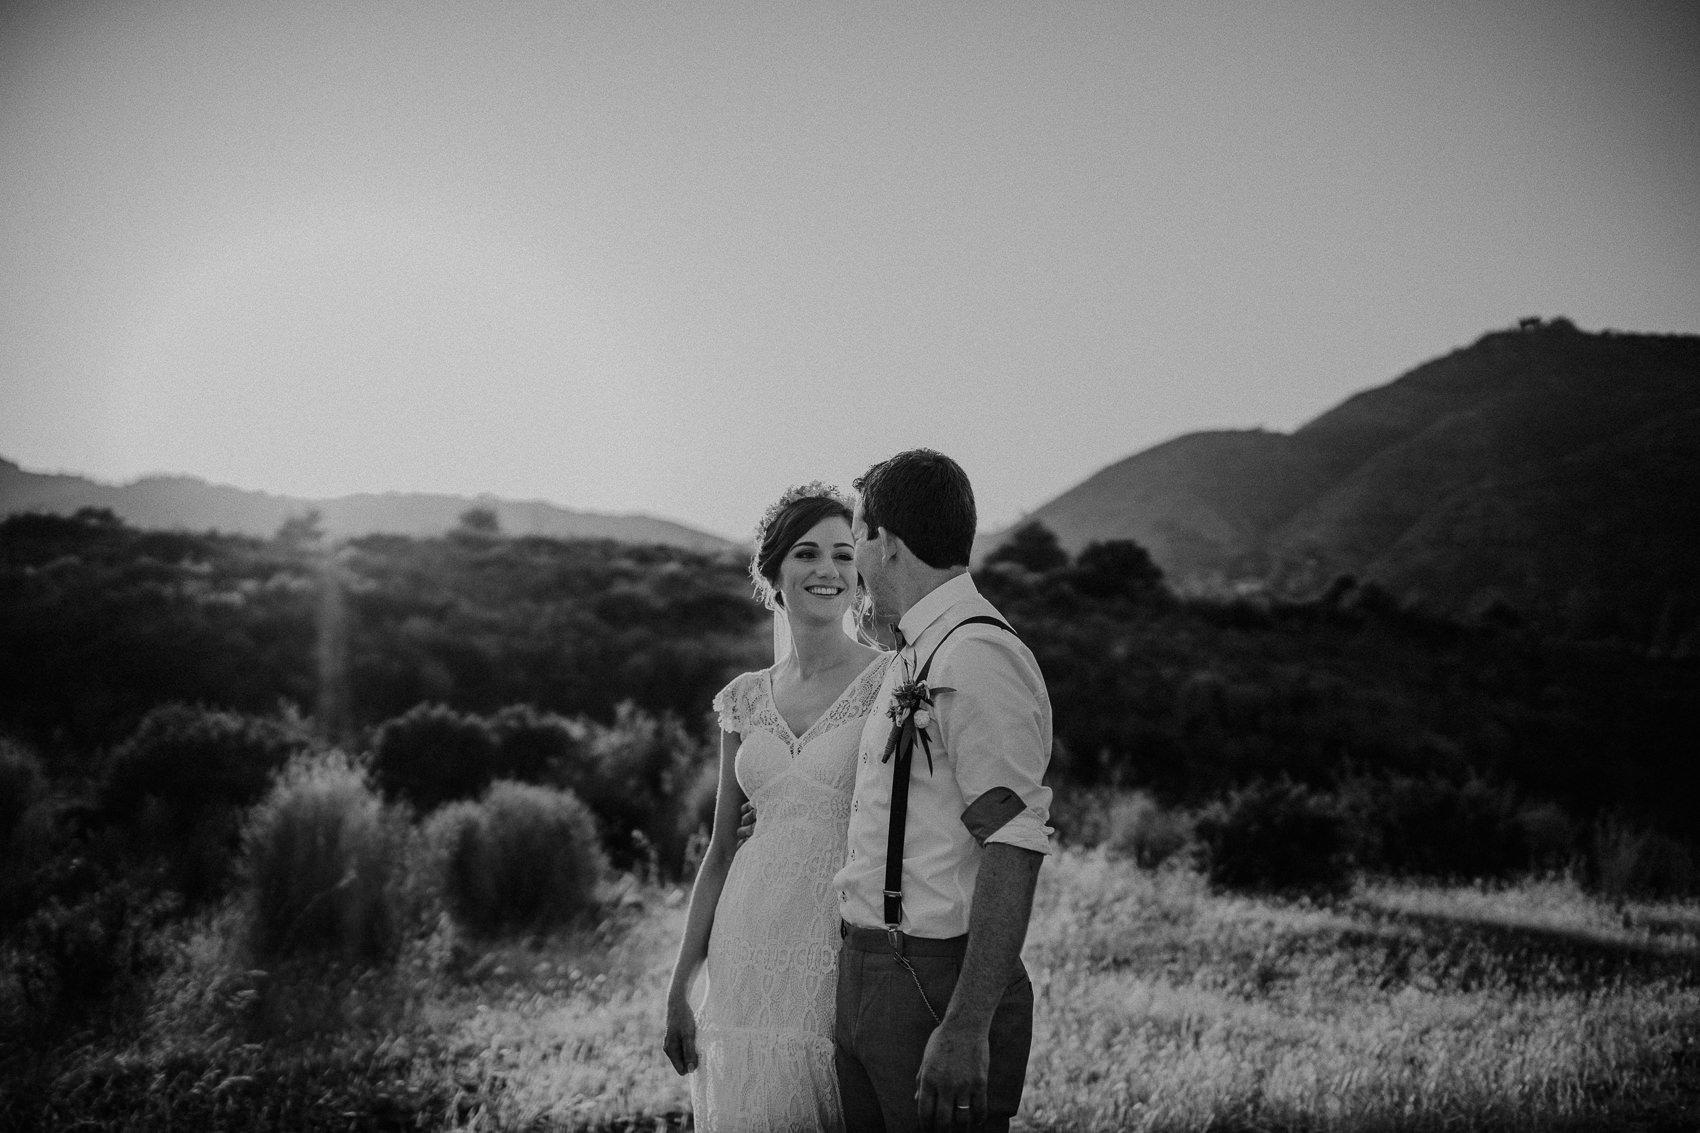 Sarah & Bill | Summer wedding at Cortijo Rosa Blanca | Marbella - Spain 133